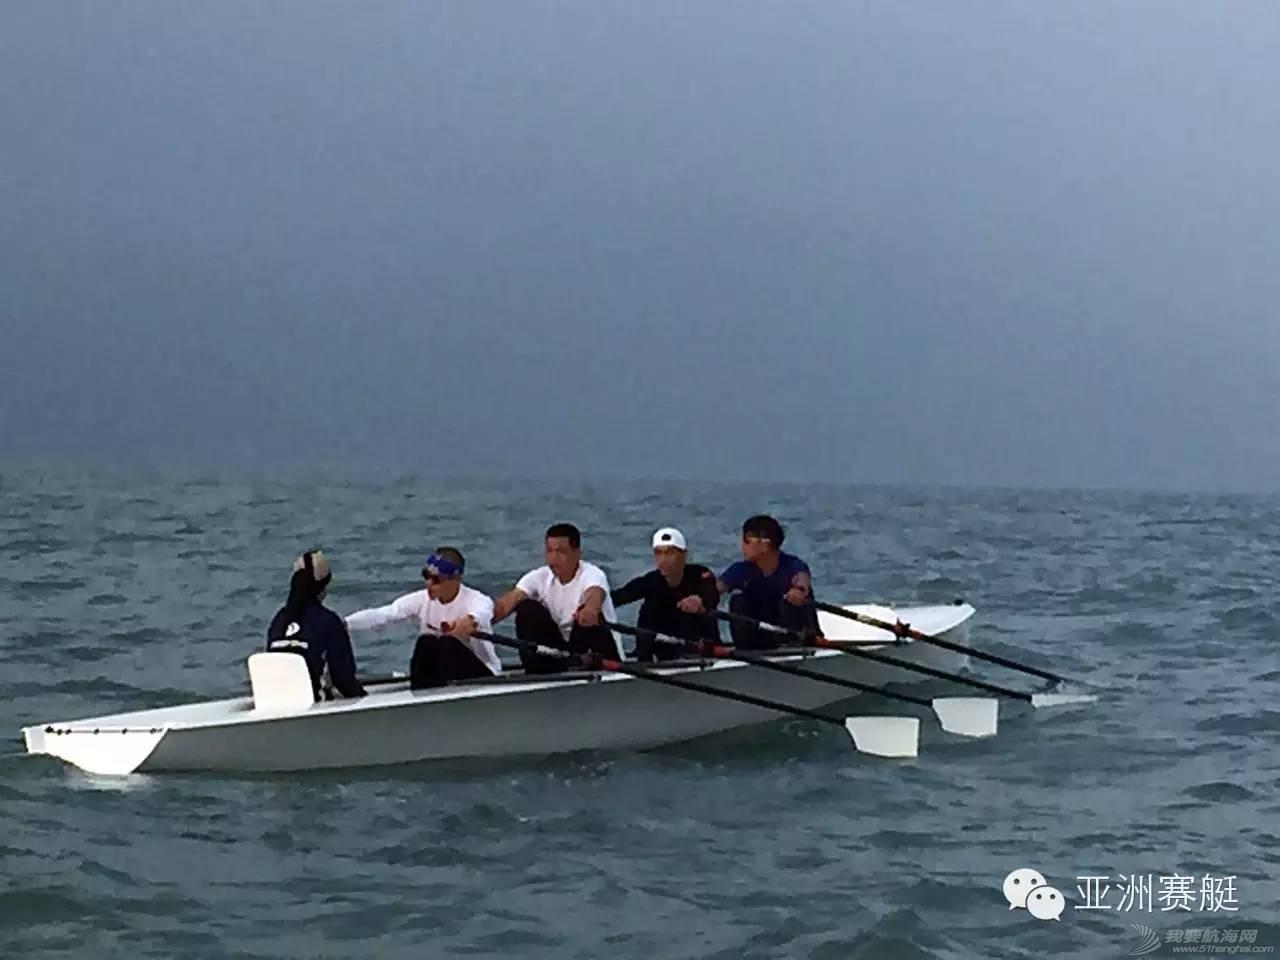 在海浪中划赛艇?王石主席在深圳万科浪骑游艇会体验海岸赛艇Costal Rowing 41ab7d7281c79131794e745813ba7038.jpg